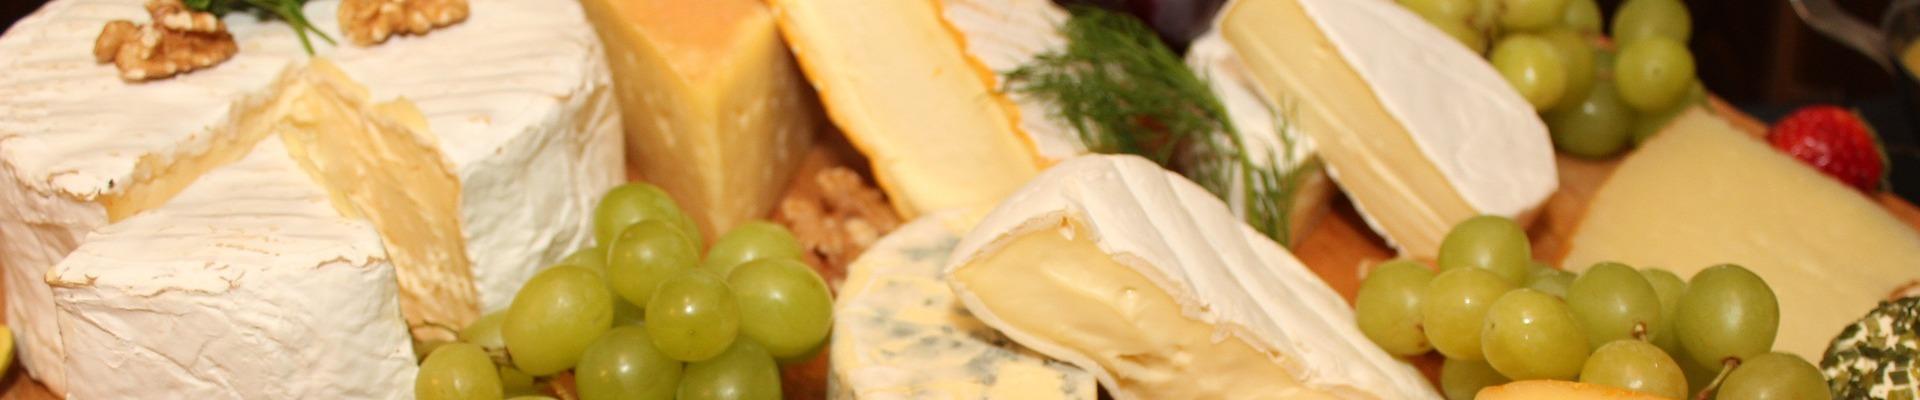 Tast de formatges